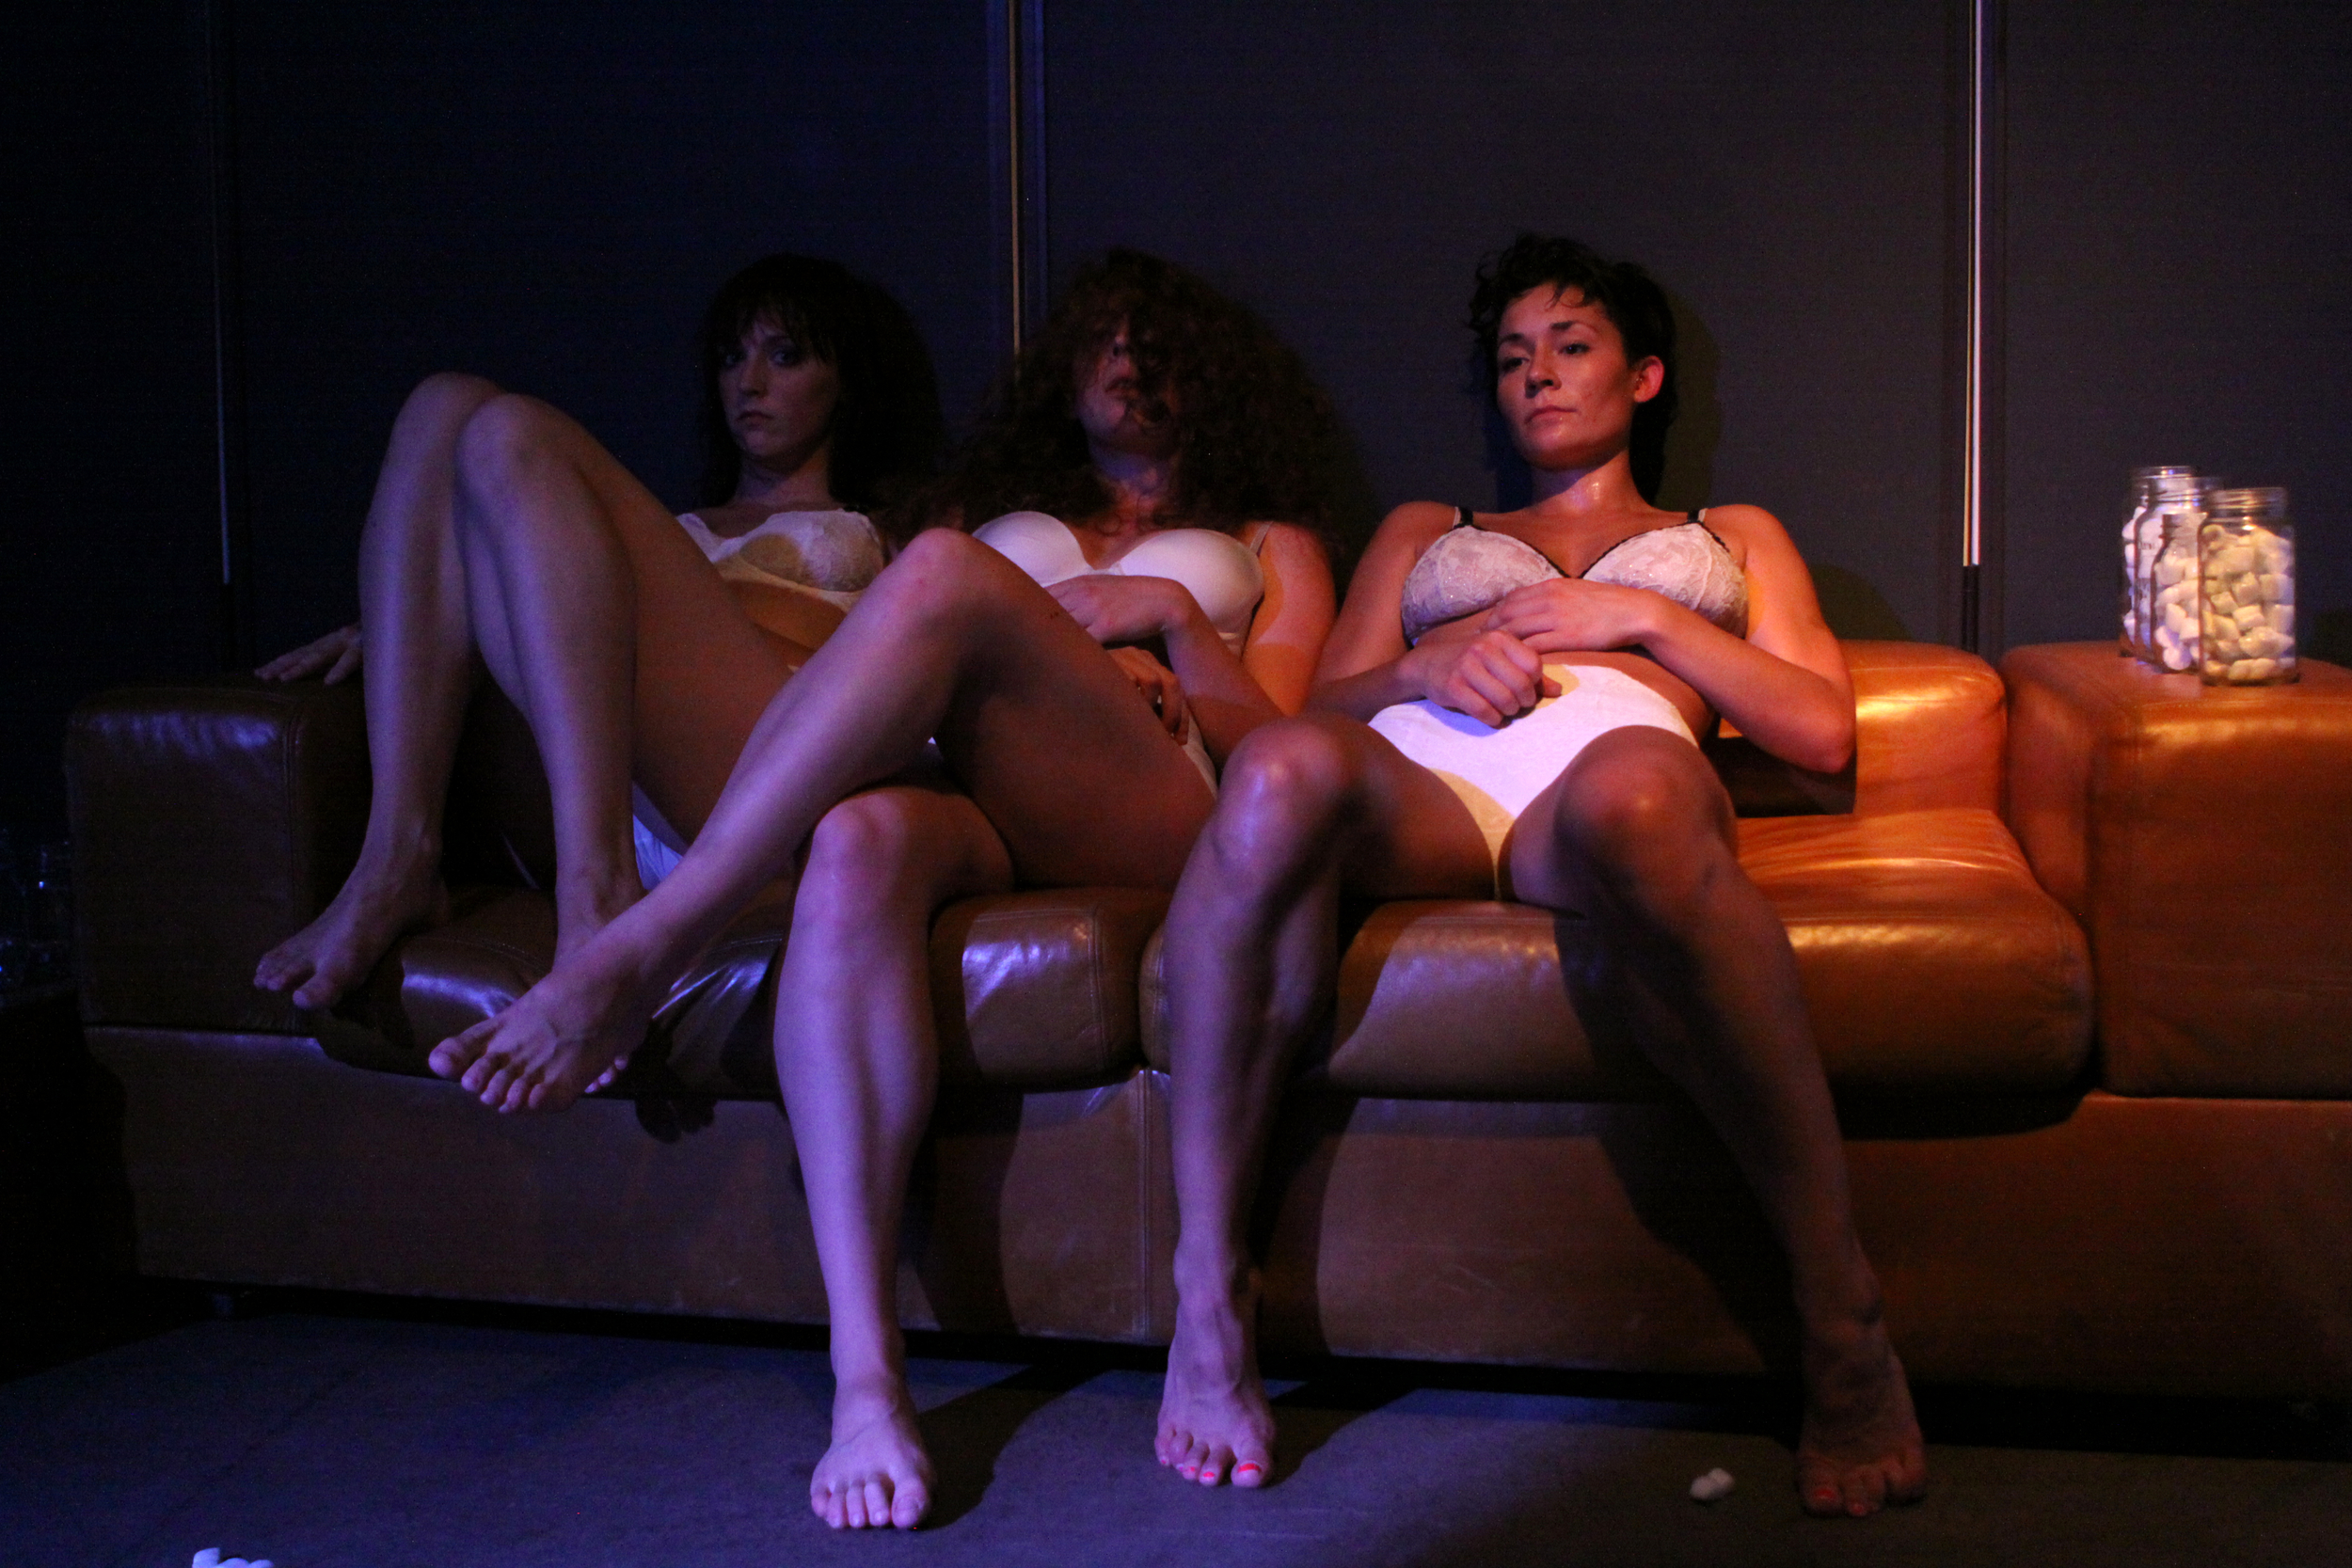 Three ladies_Ace_SSchreiber.jpg